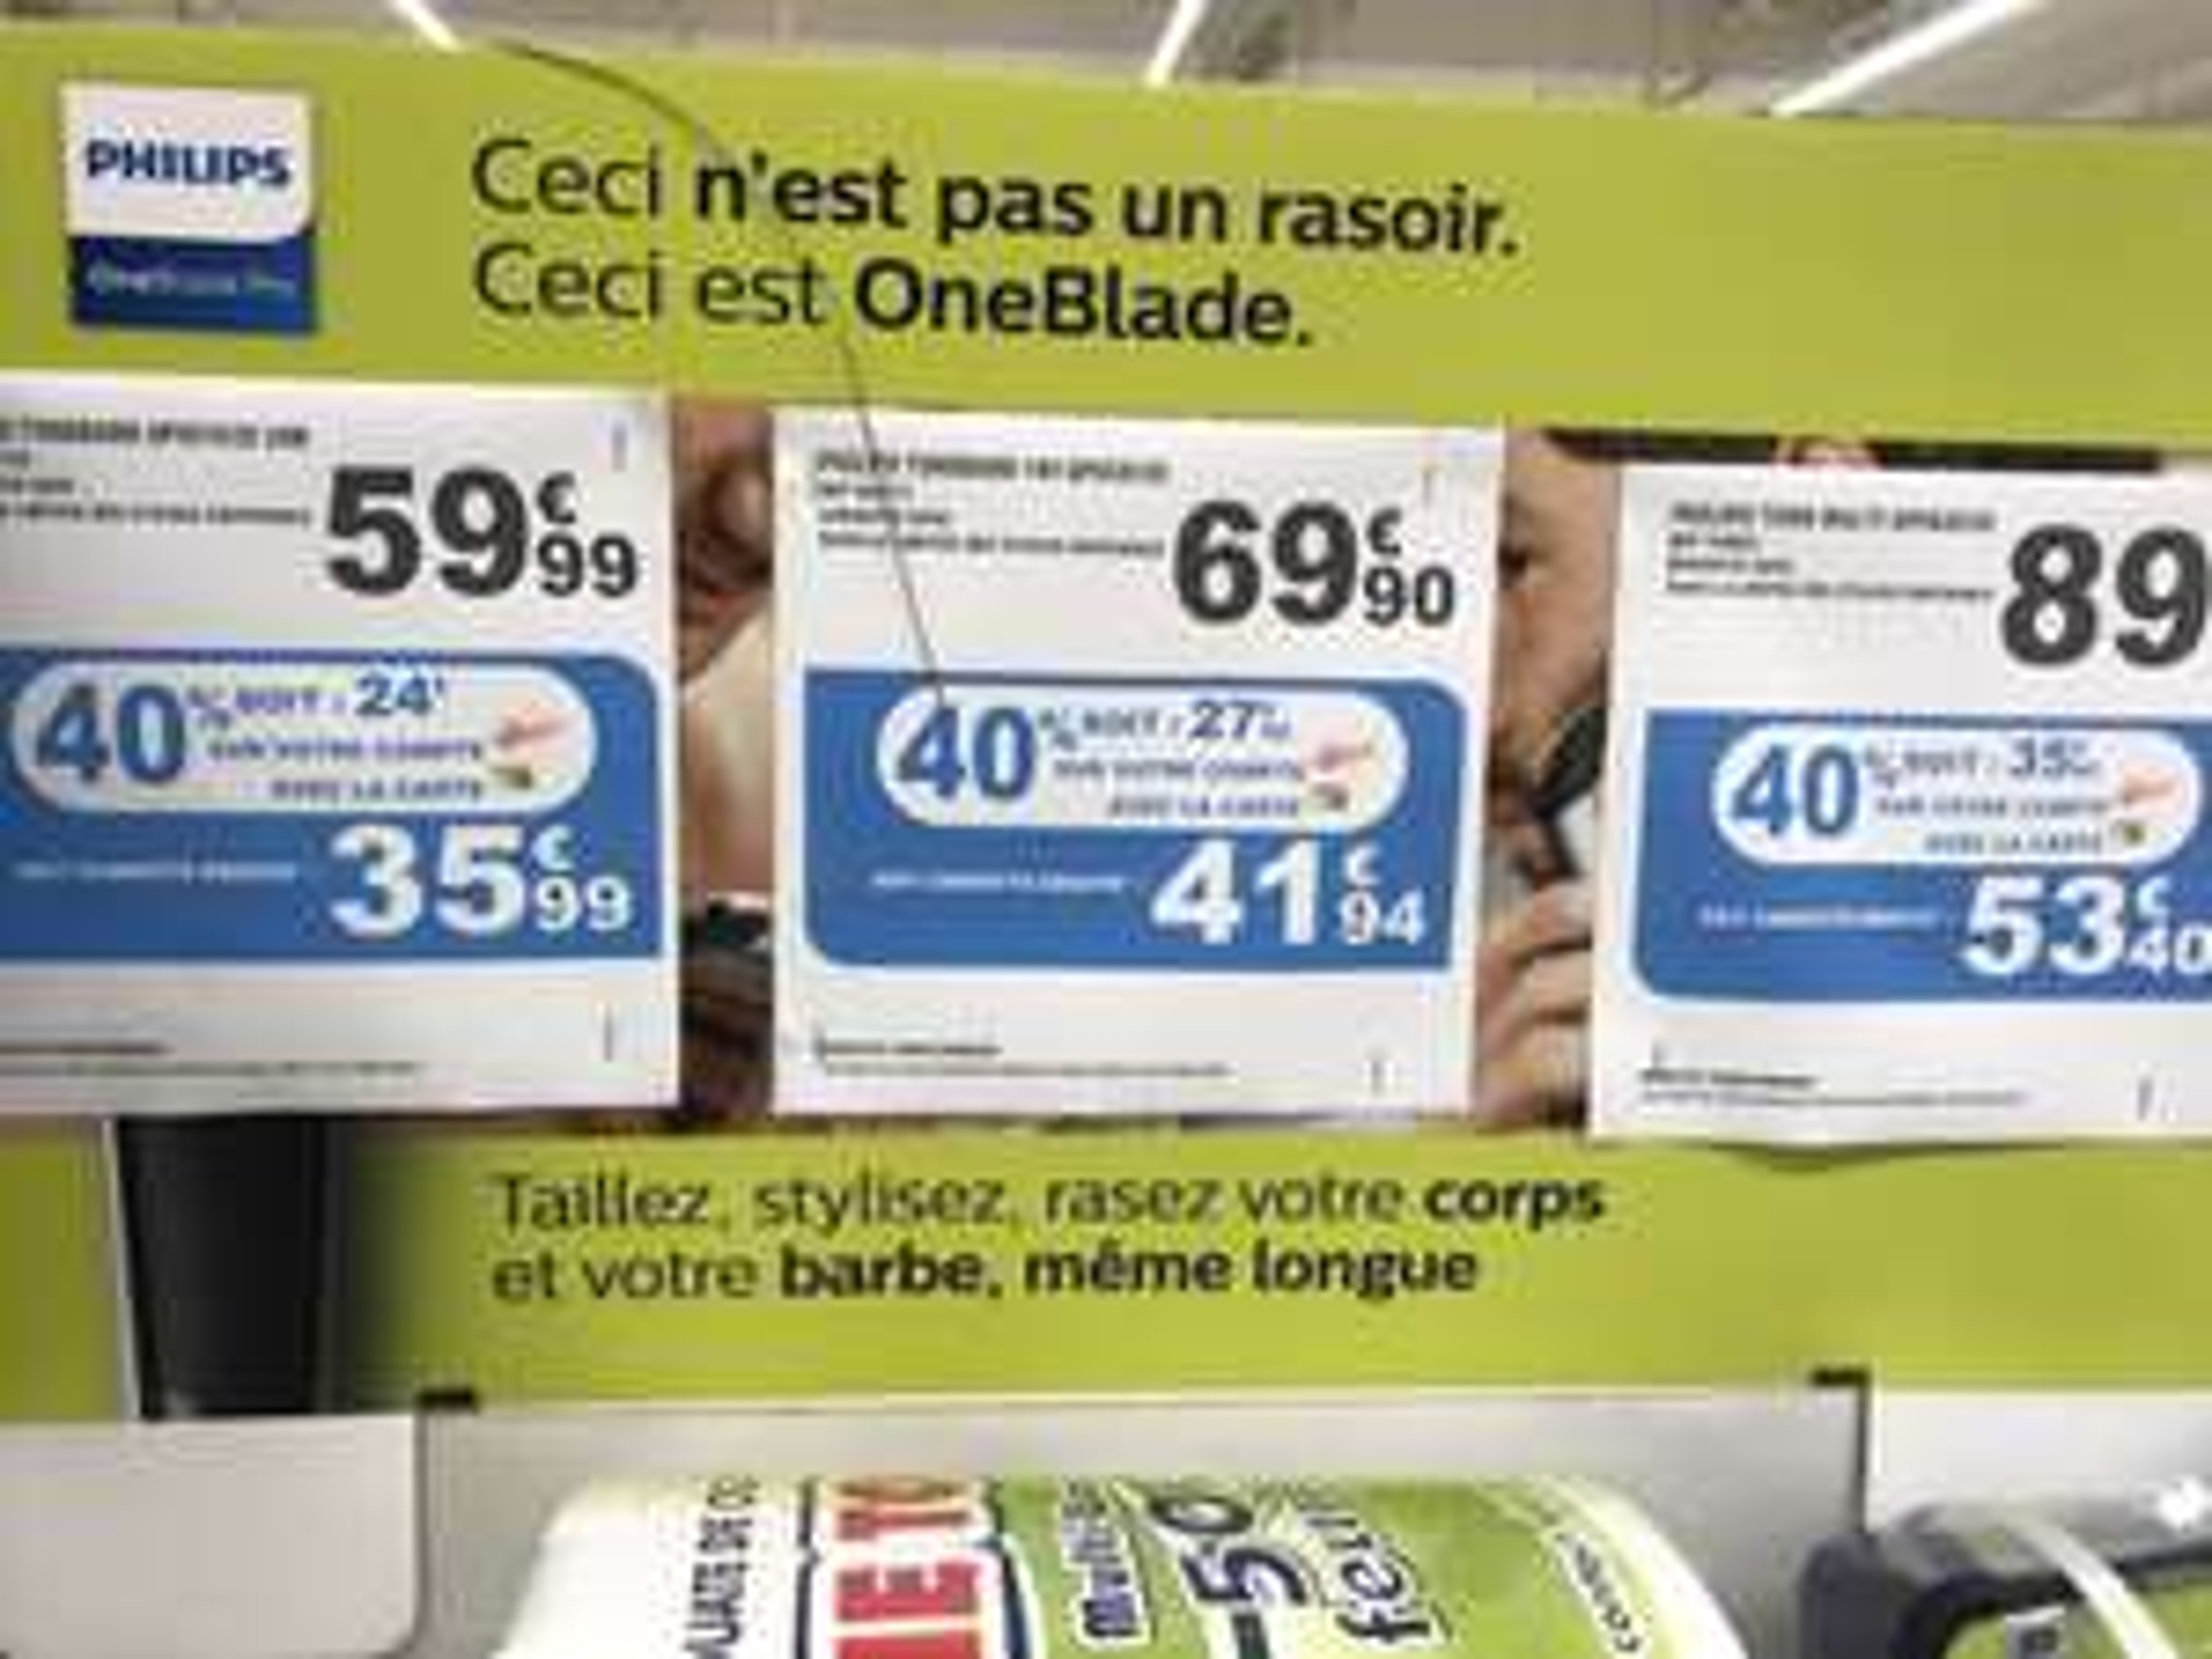 Sélection de Rasoirs Philips OneBlade en promotion via 40% de remise fidélité - Ex: QP651020 (via 24€ de remise fidélité) - Okabe (94)